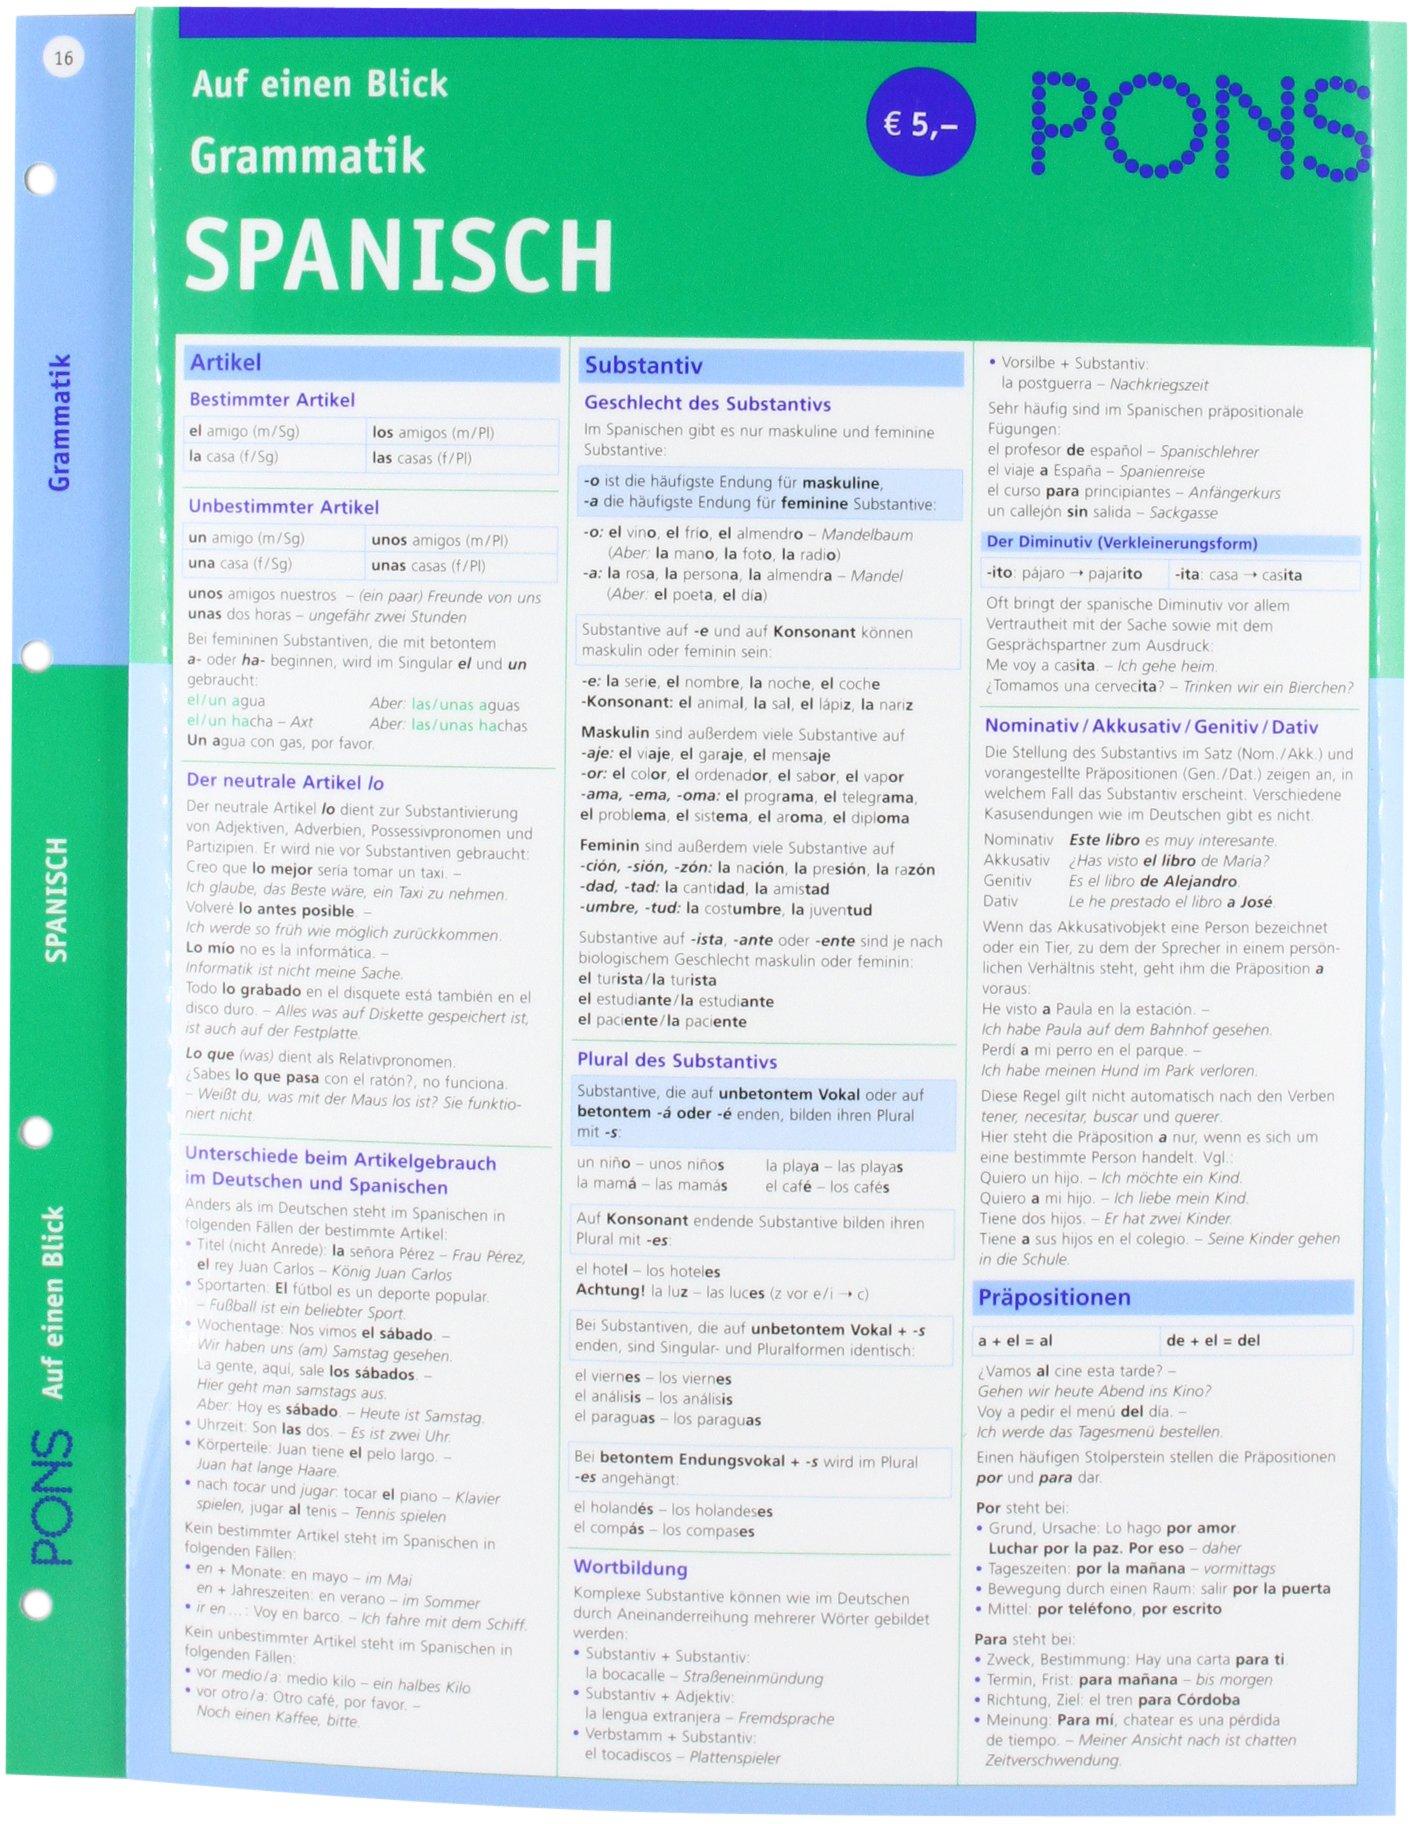 PONS Grammatik auf einen Blick Spanisch: kompakte Übersicht ...